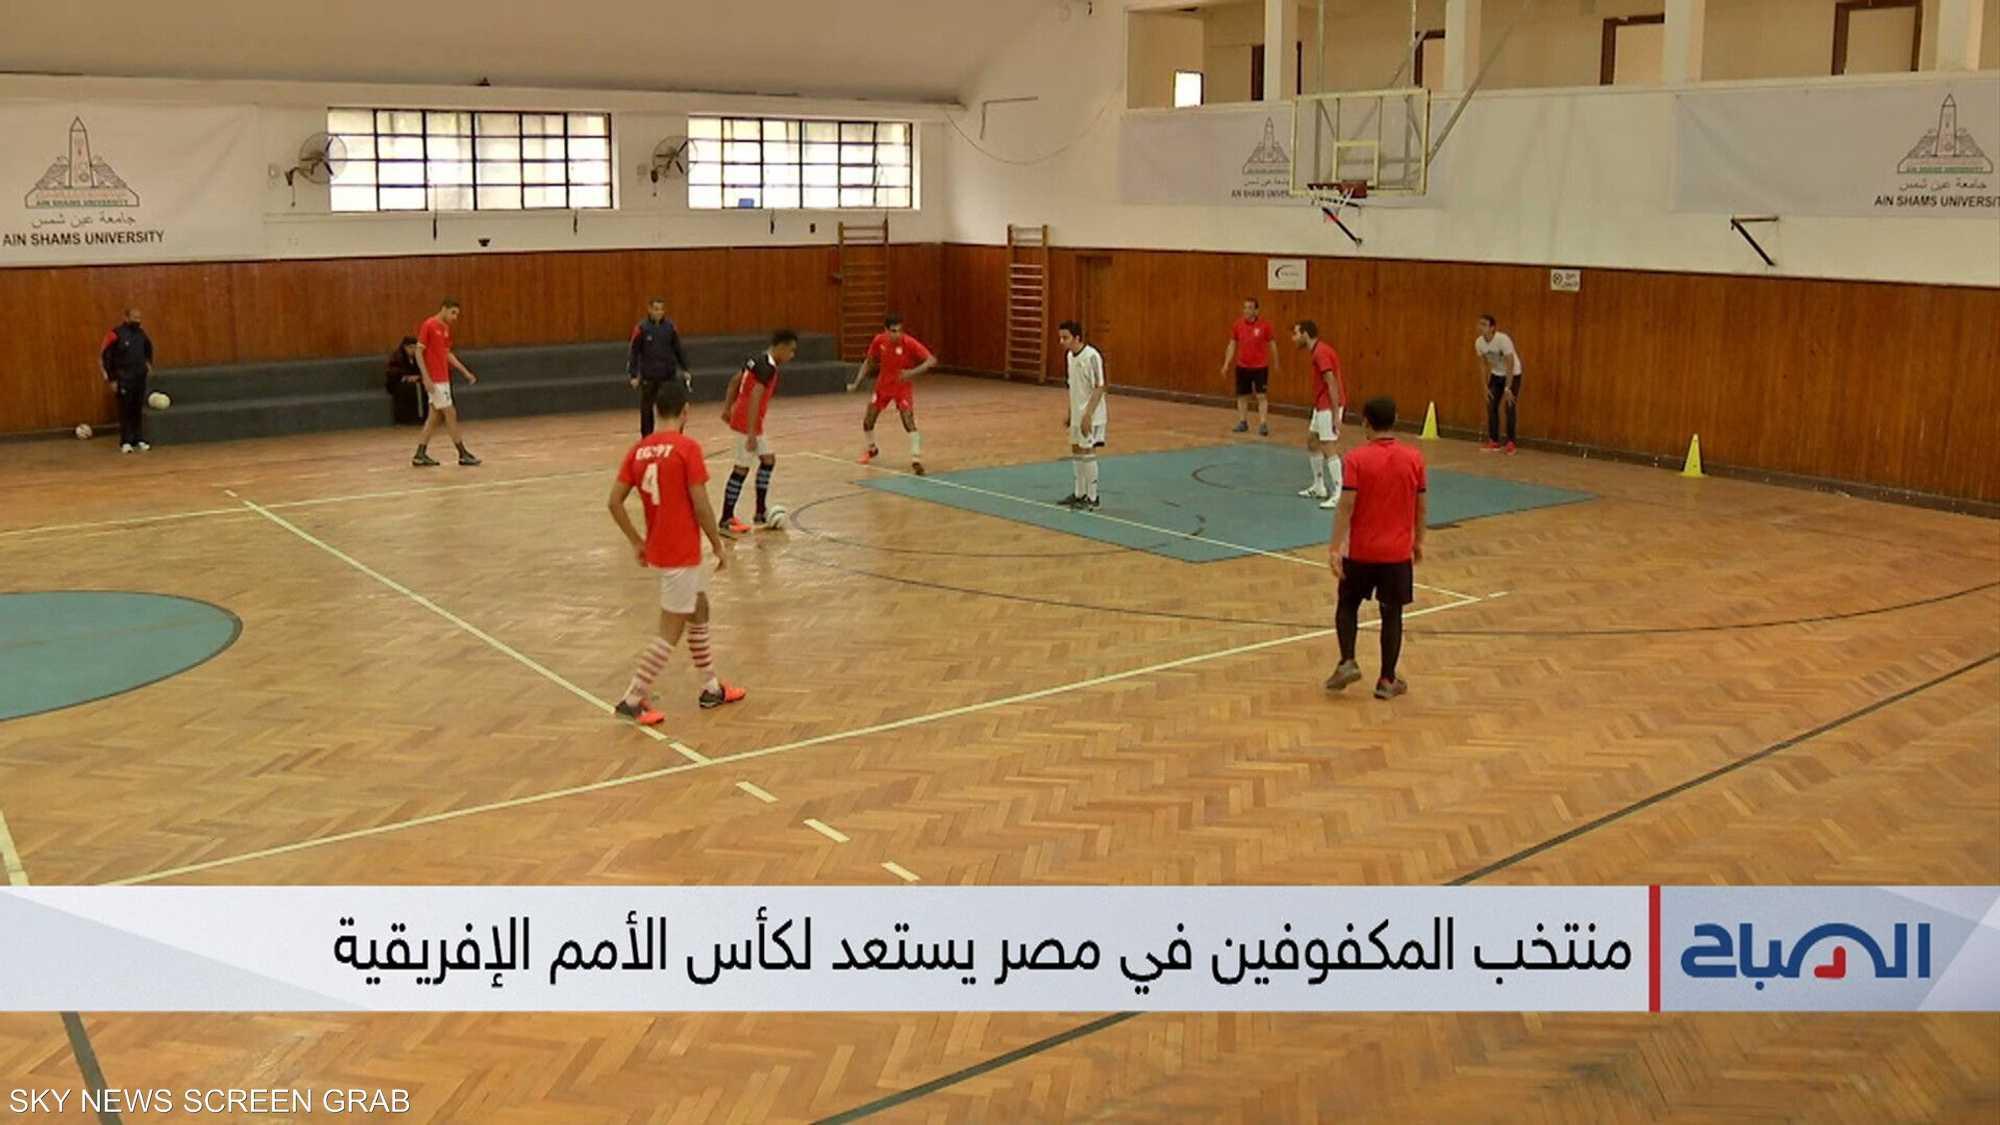 منتخب المكفوفين في مصر يستعد لكأس الأمم الإفريقية